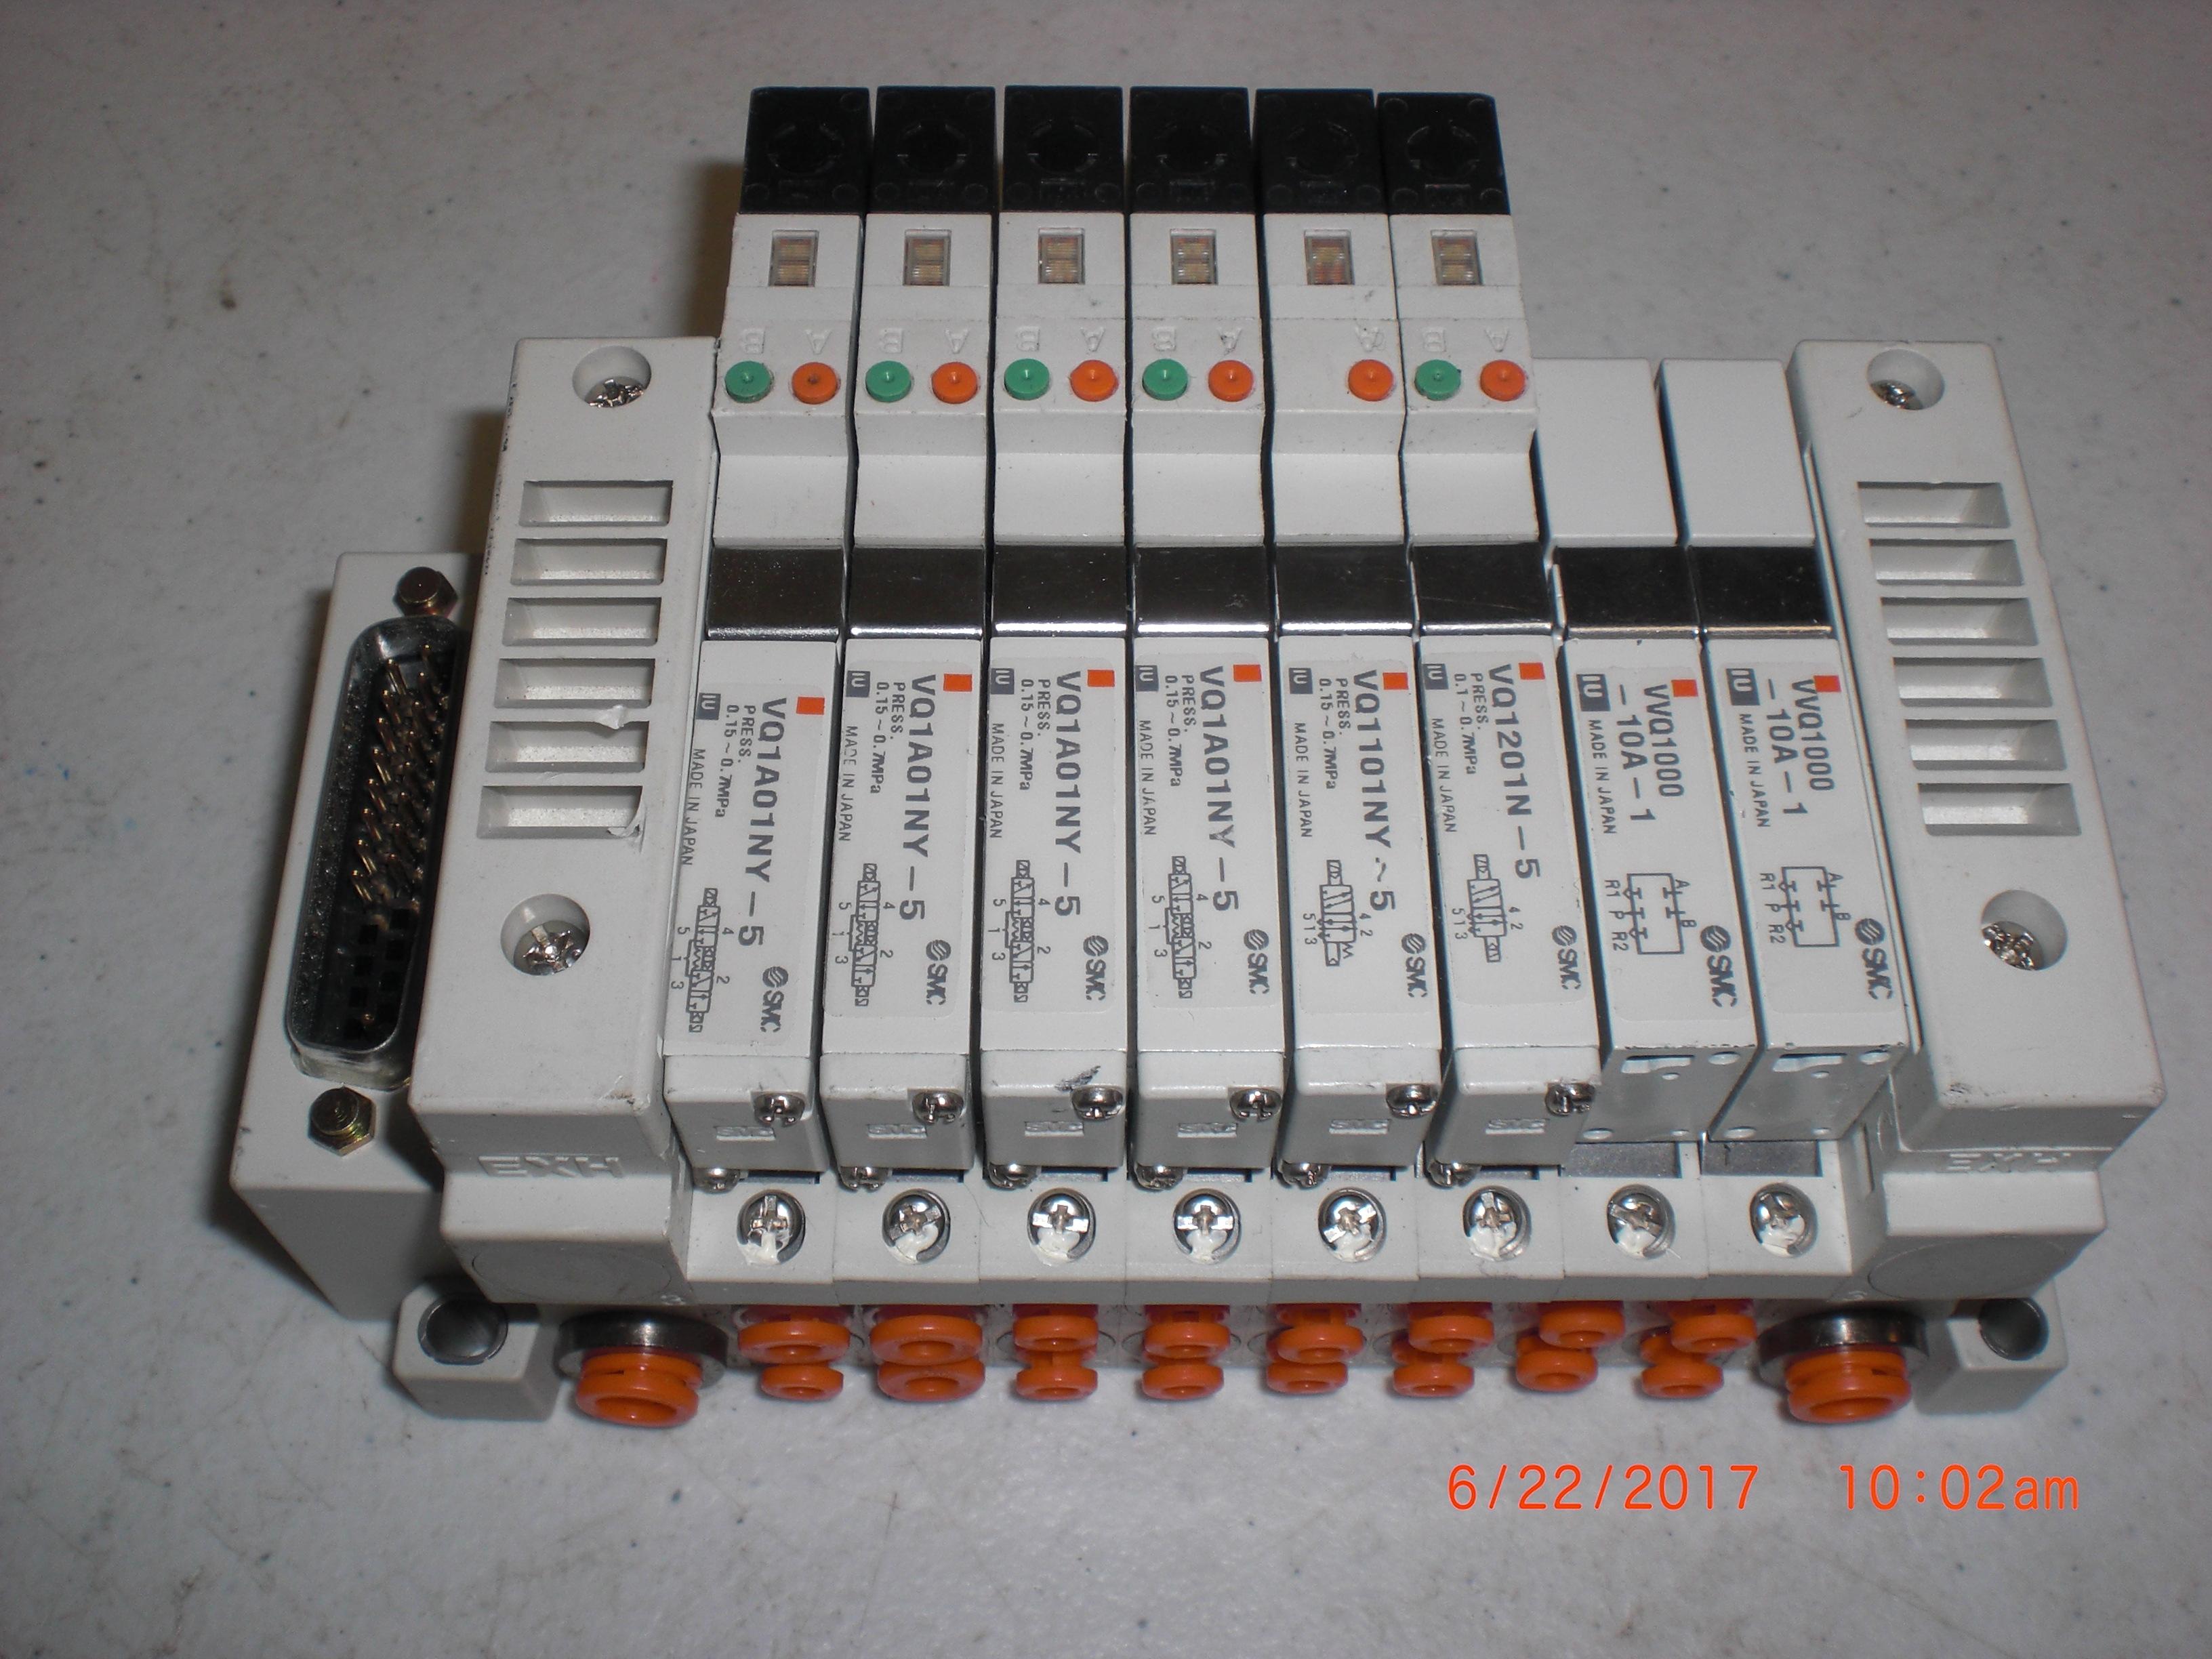 Valve  MANIFOLD,PNEUMATIC, 8 STATION, VQ1A01NY-5 SMC US20096